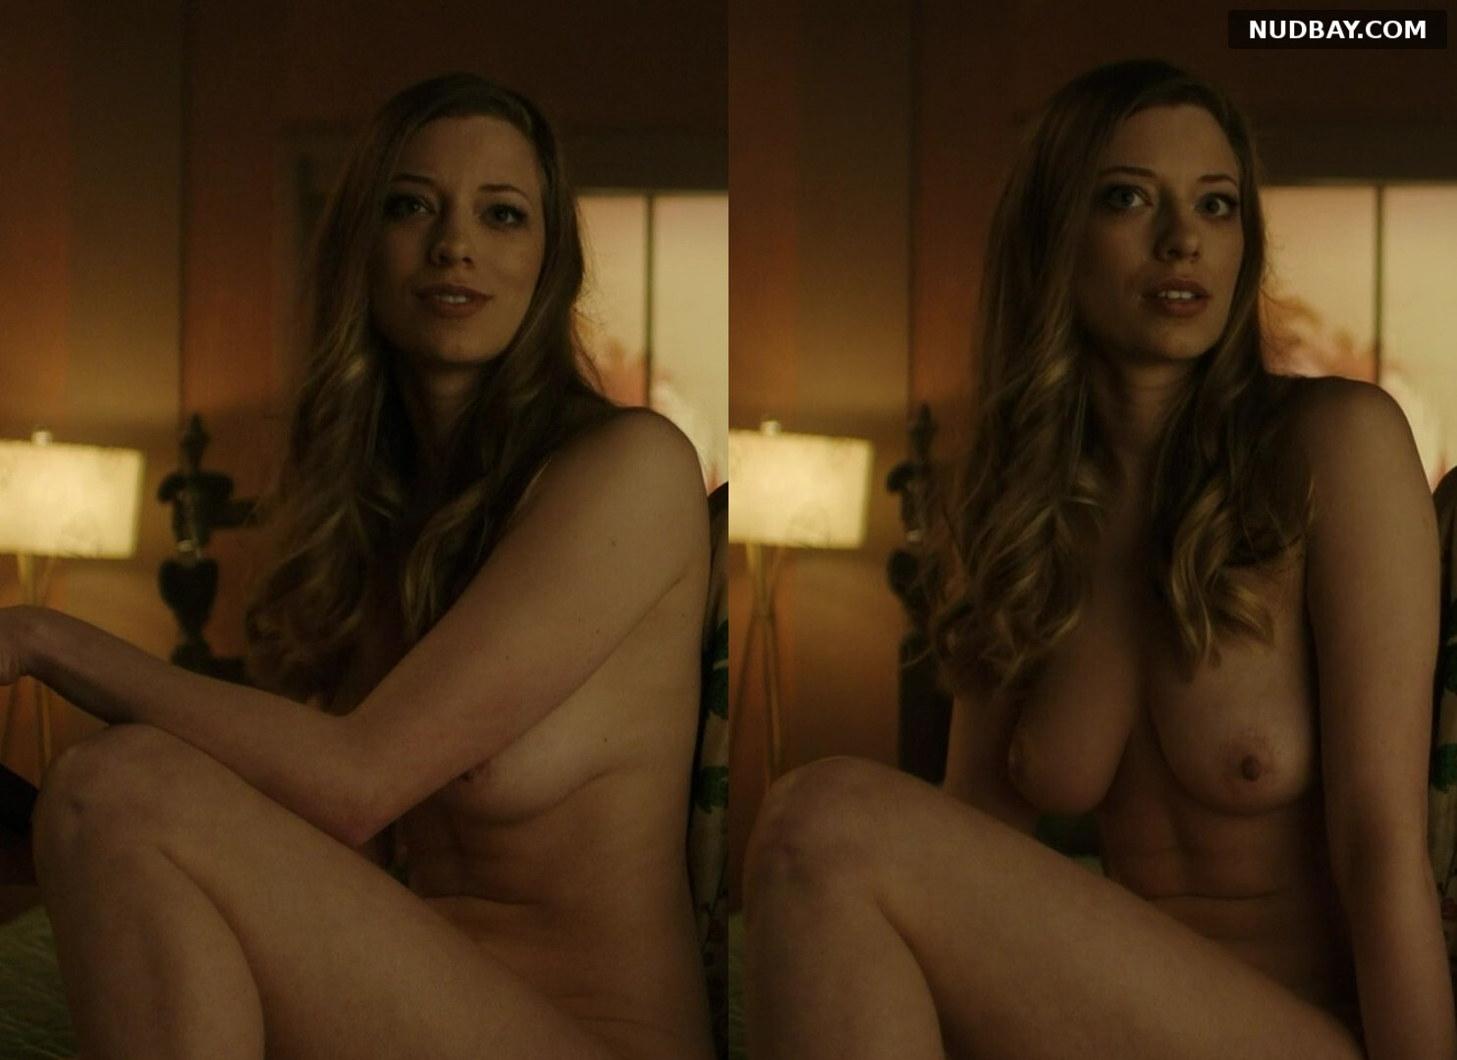 Katie Buitendyk nude in TV series Titans S3 (2021)